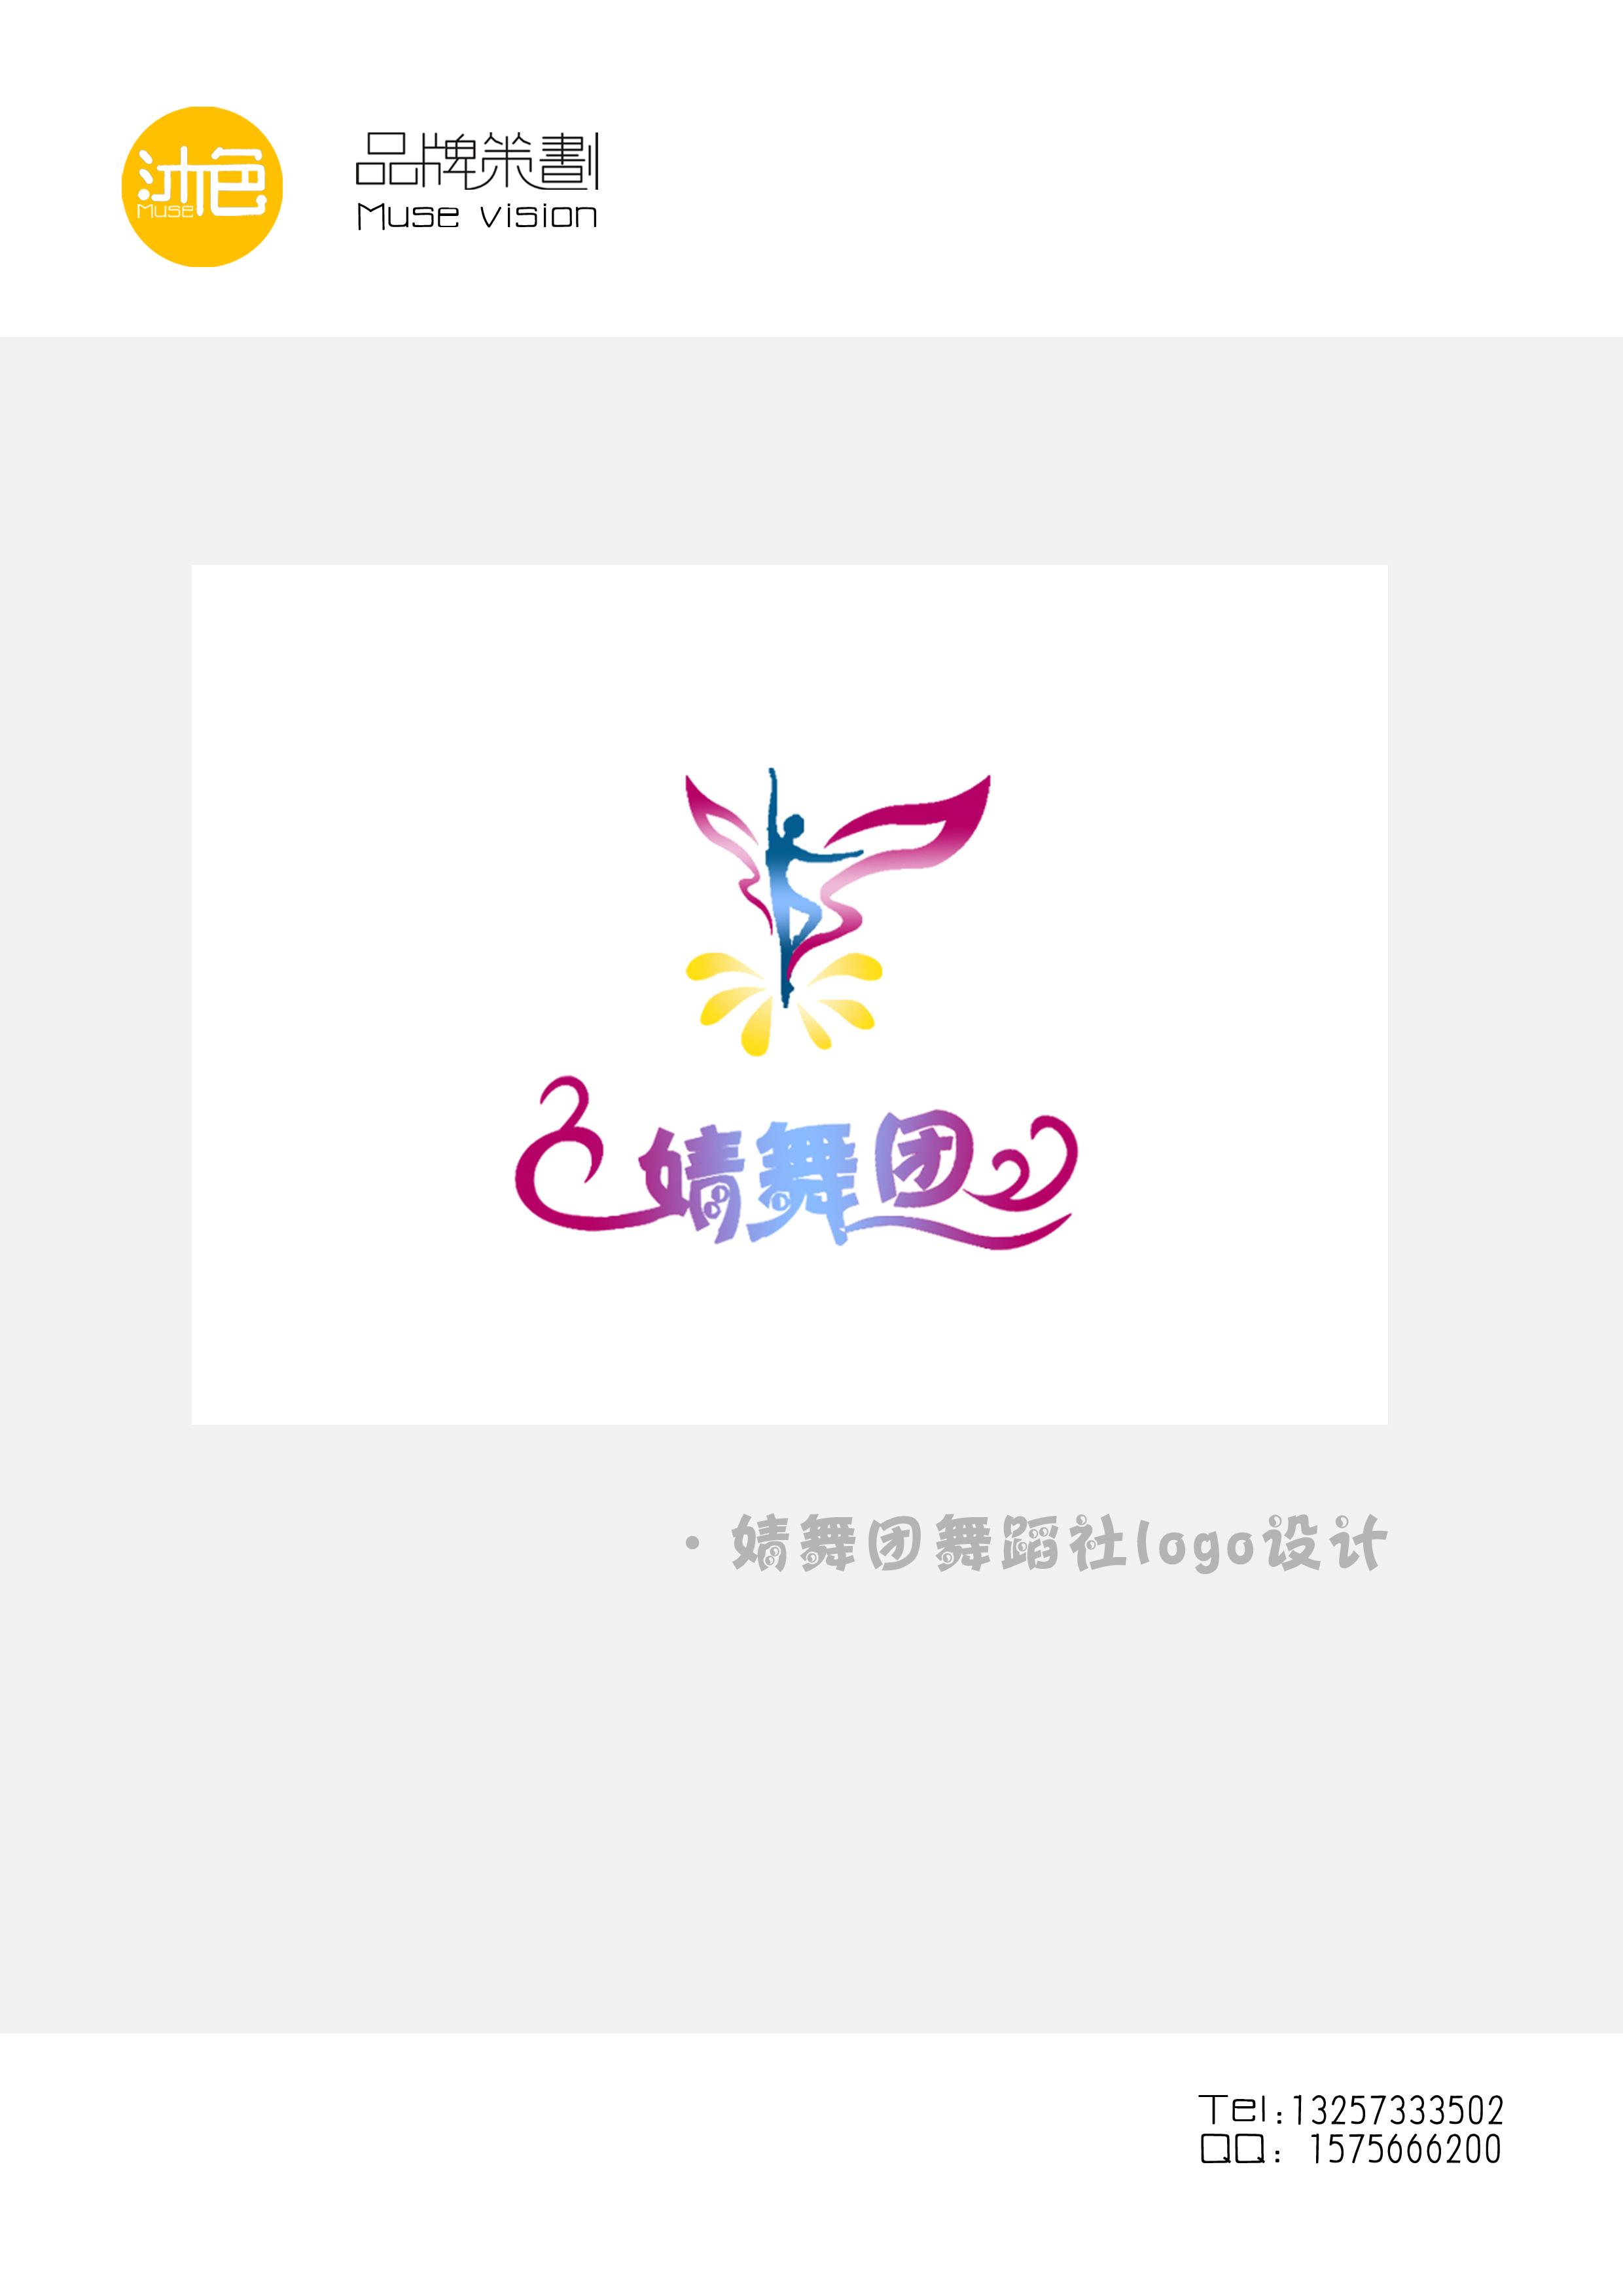 婧舞团舞蹈社logo设计